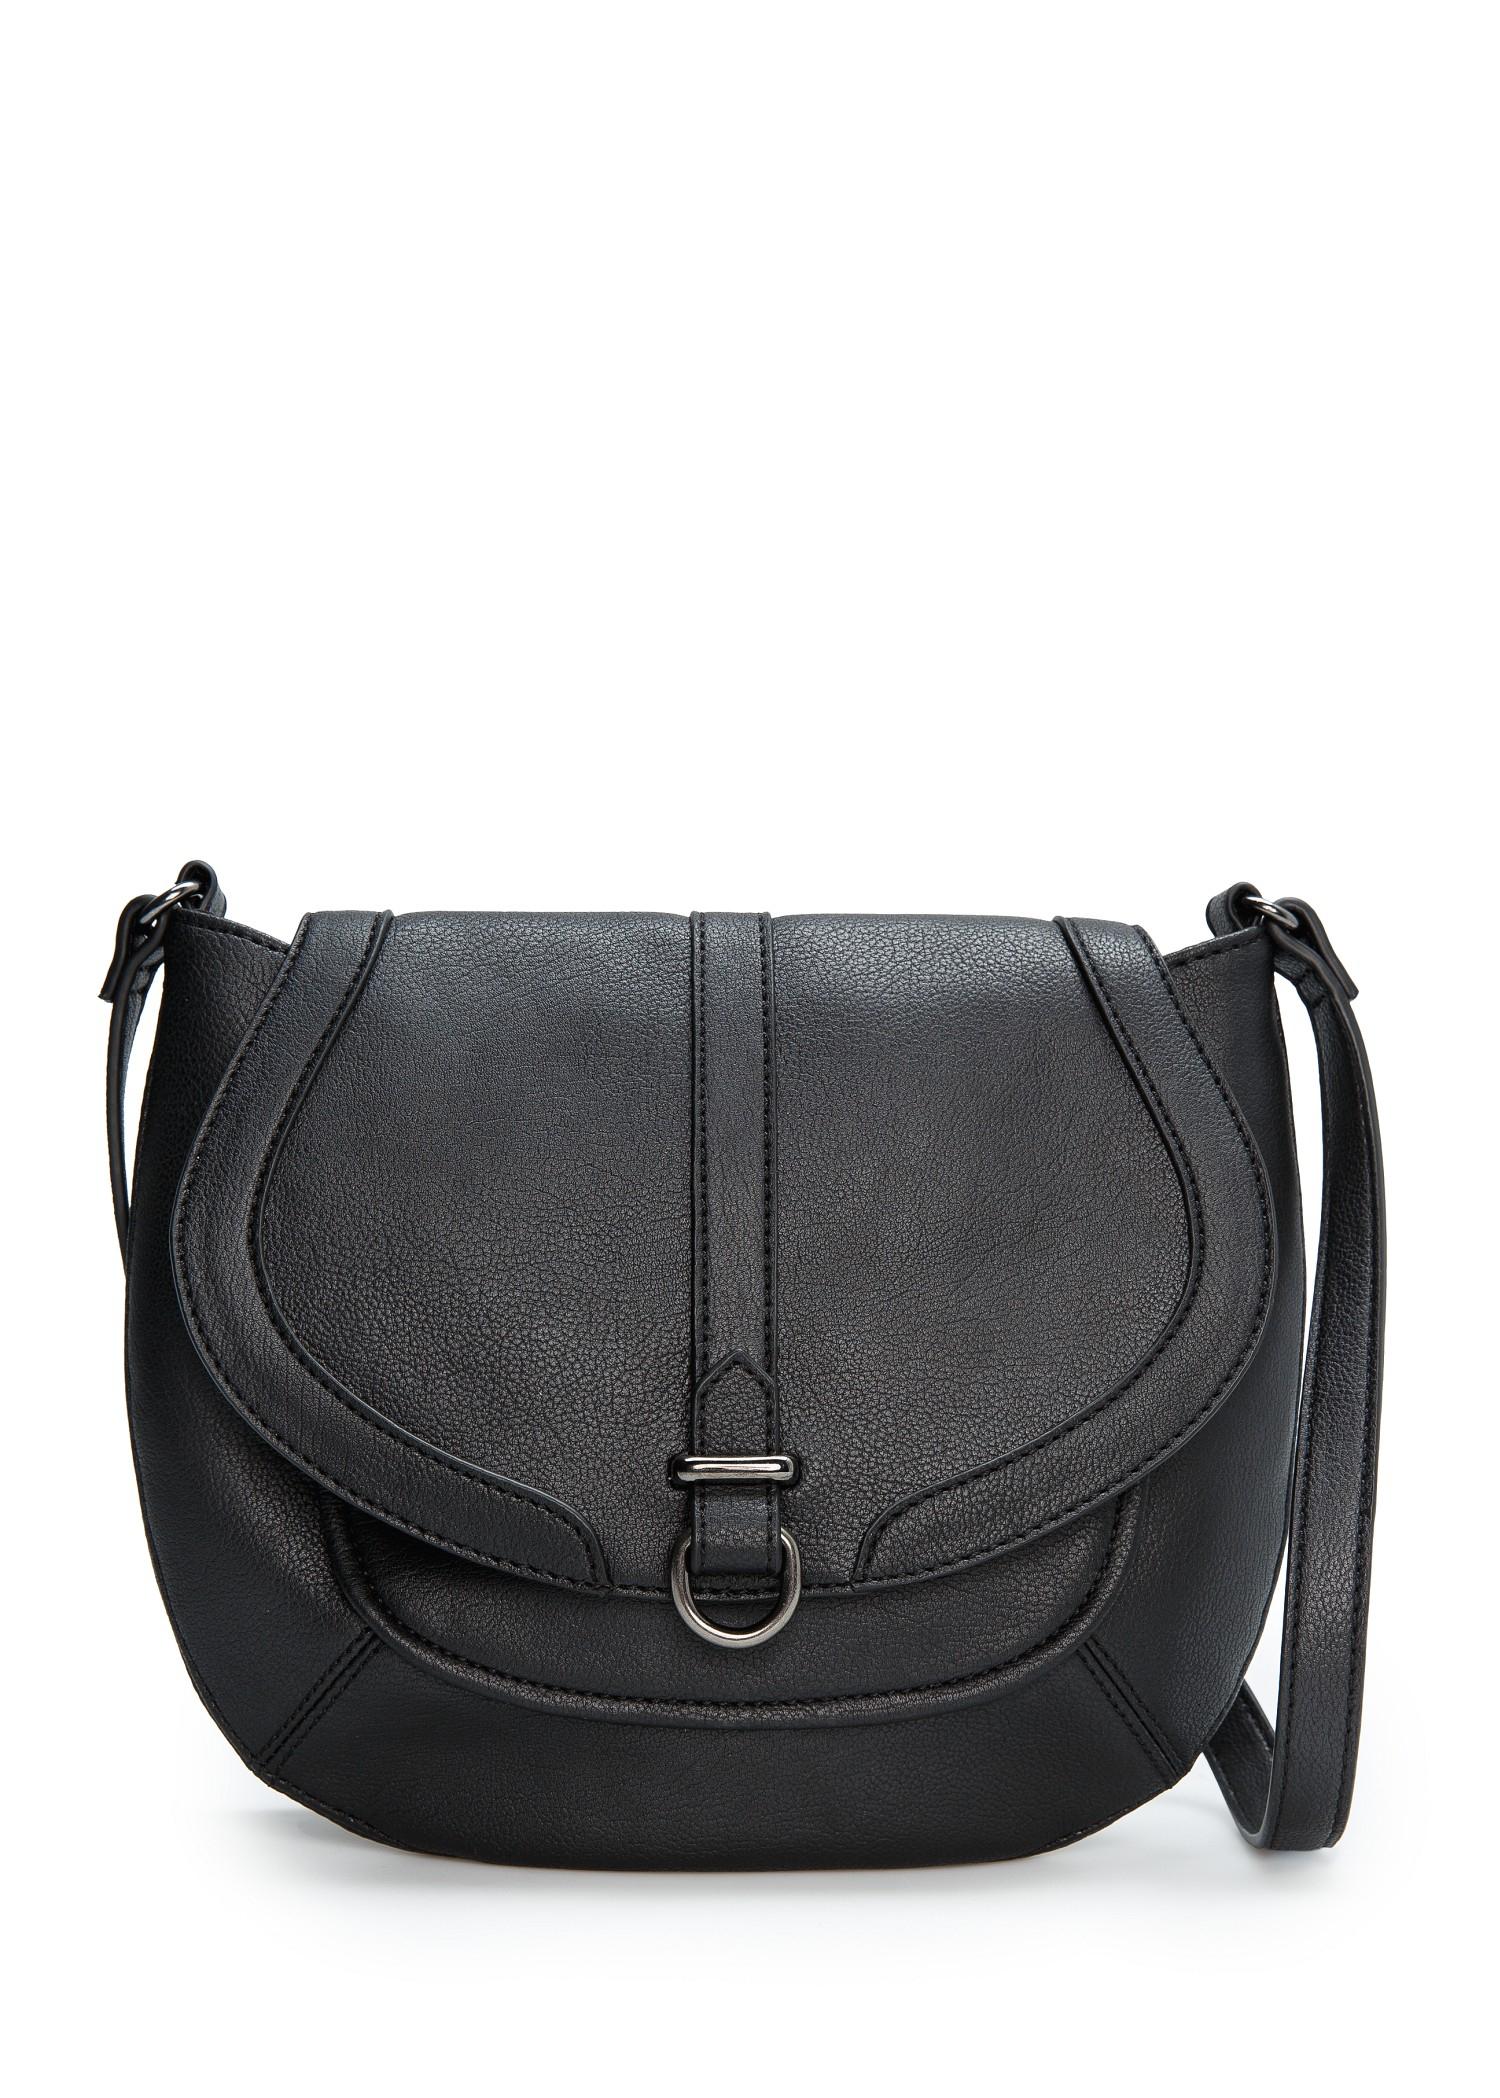 coach handbag outlet online store  coach large ranger flap